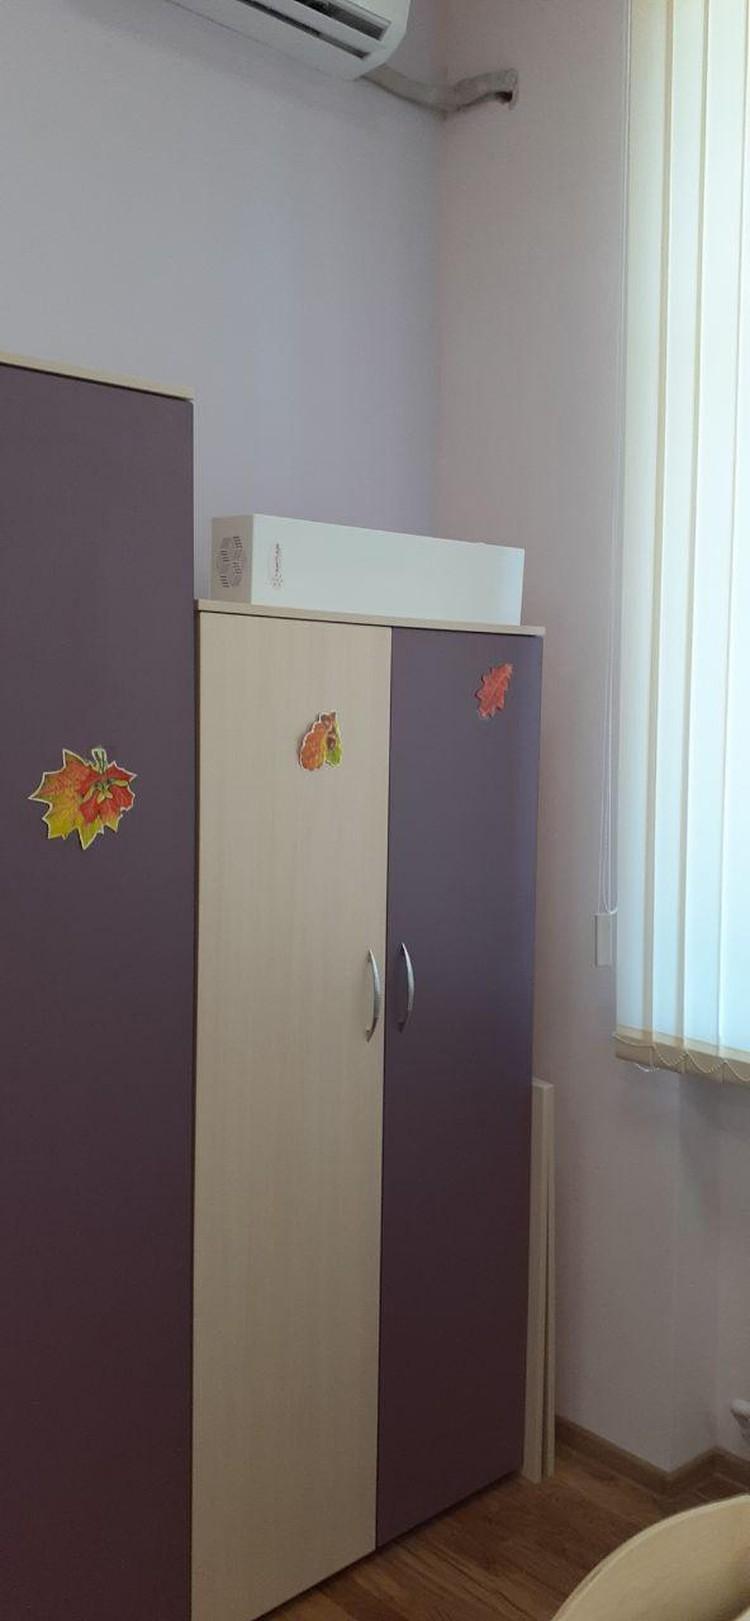 В каждом из классов установлены обеззараживатели воздуха